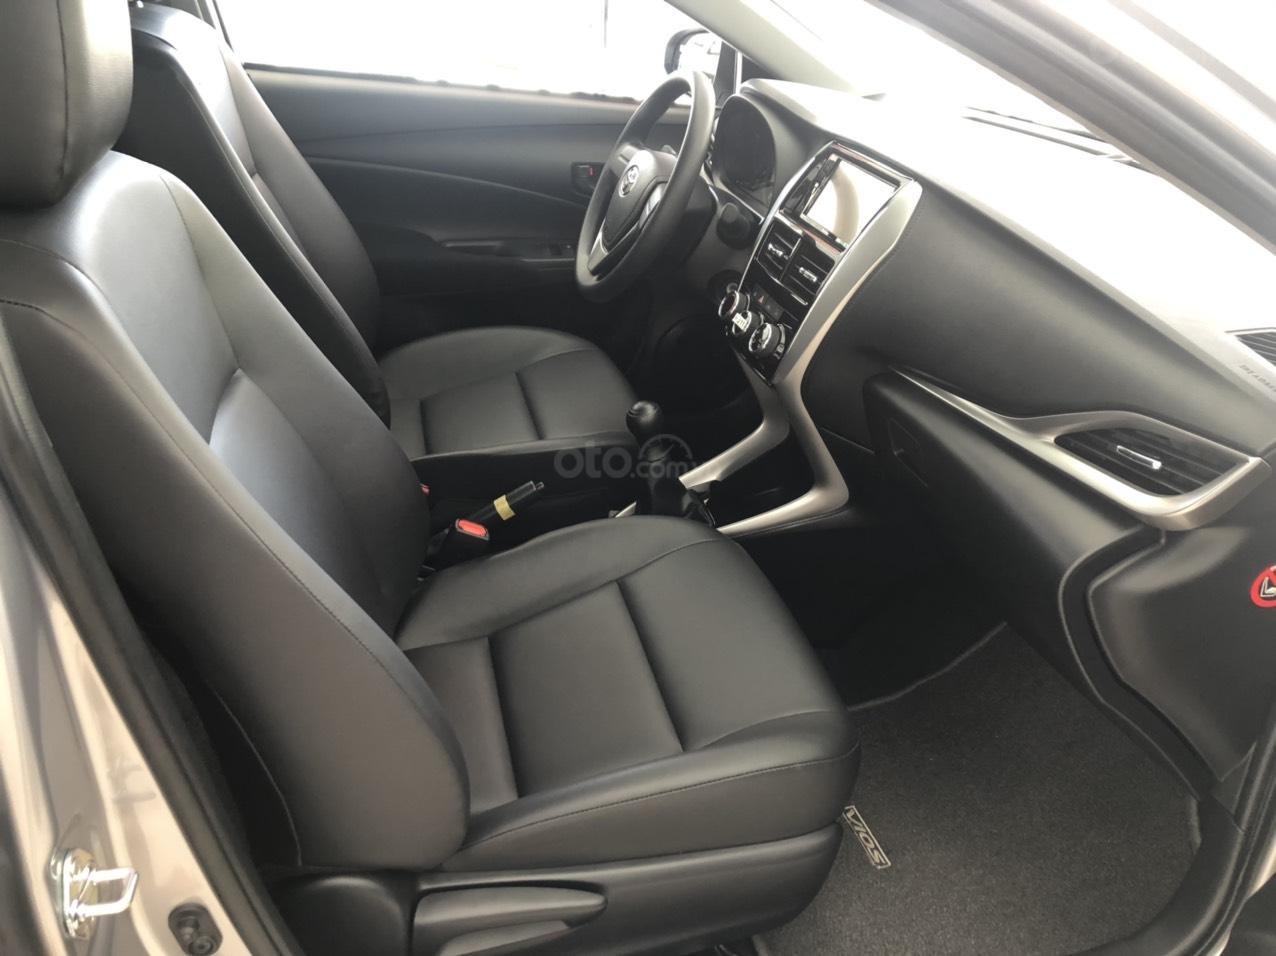 Toyota Vios 1.5 số sàn - mua trả góp với 119 triệu - khuyến mãi ngay tiền mặt, hỗ trợ trước bạ xe (2)